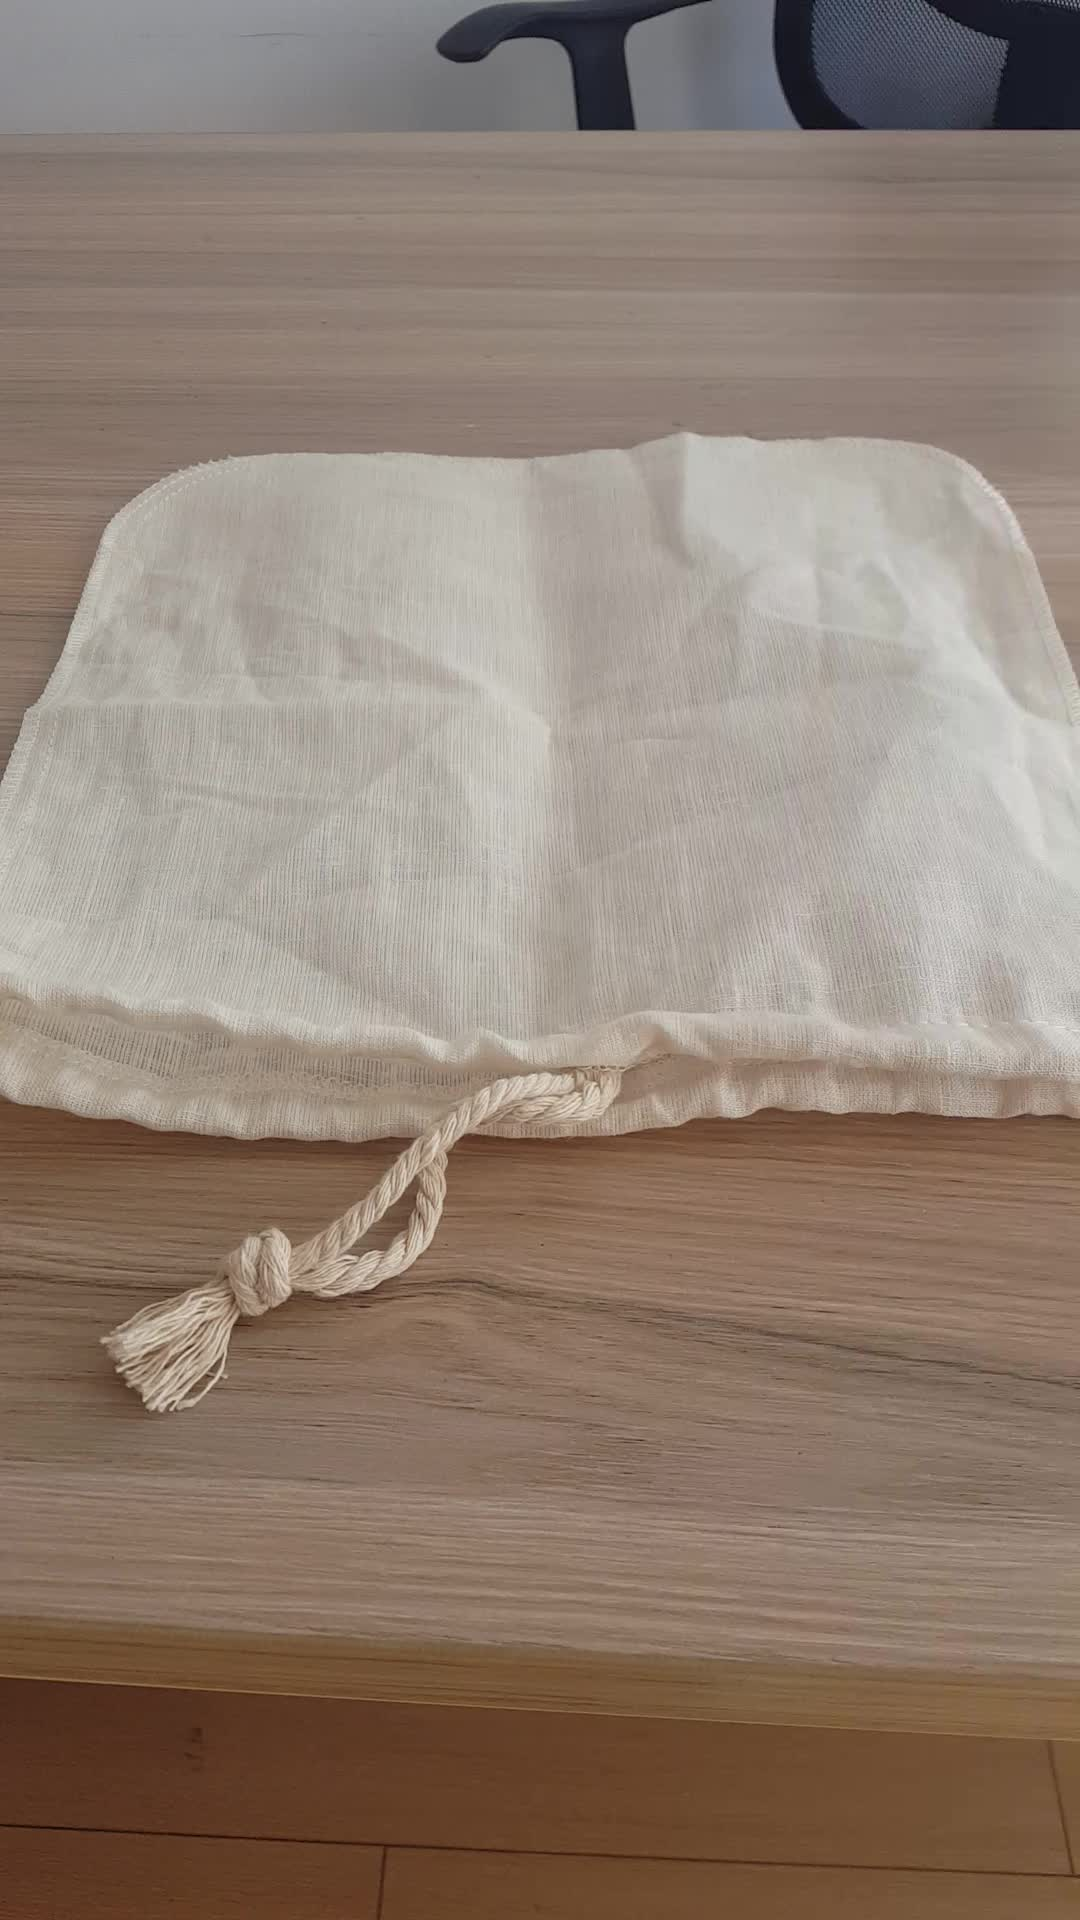 Buena apariencia bien cosido reutilizable de leche de la tuerca bolsa en venta